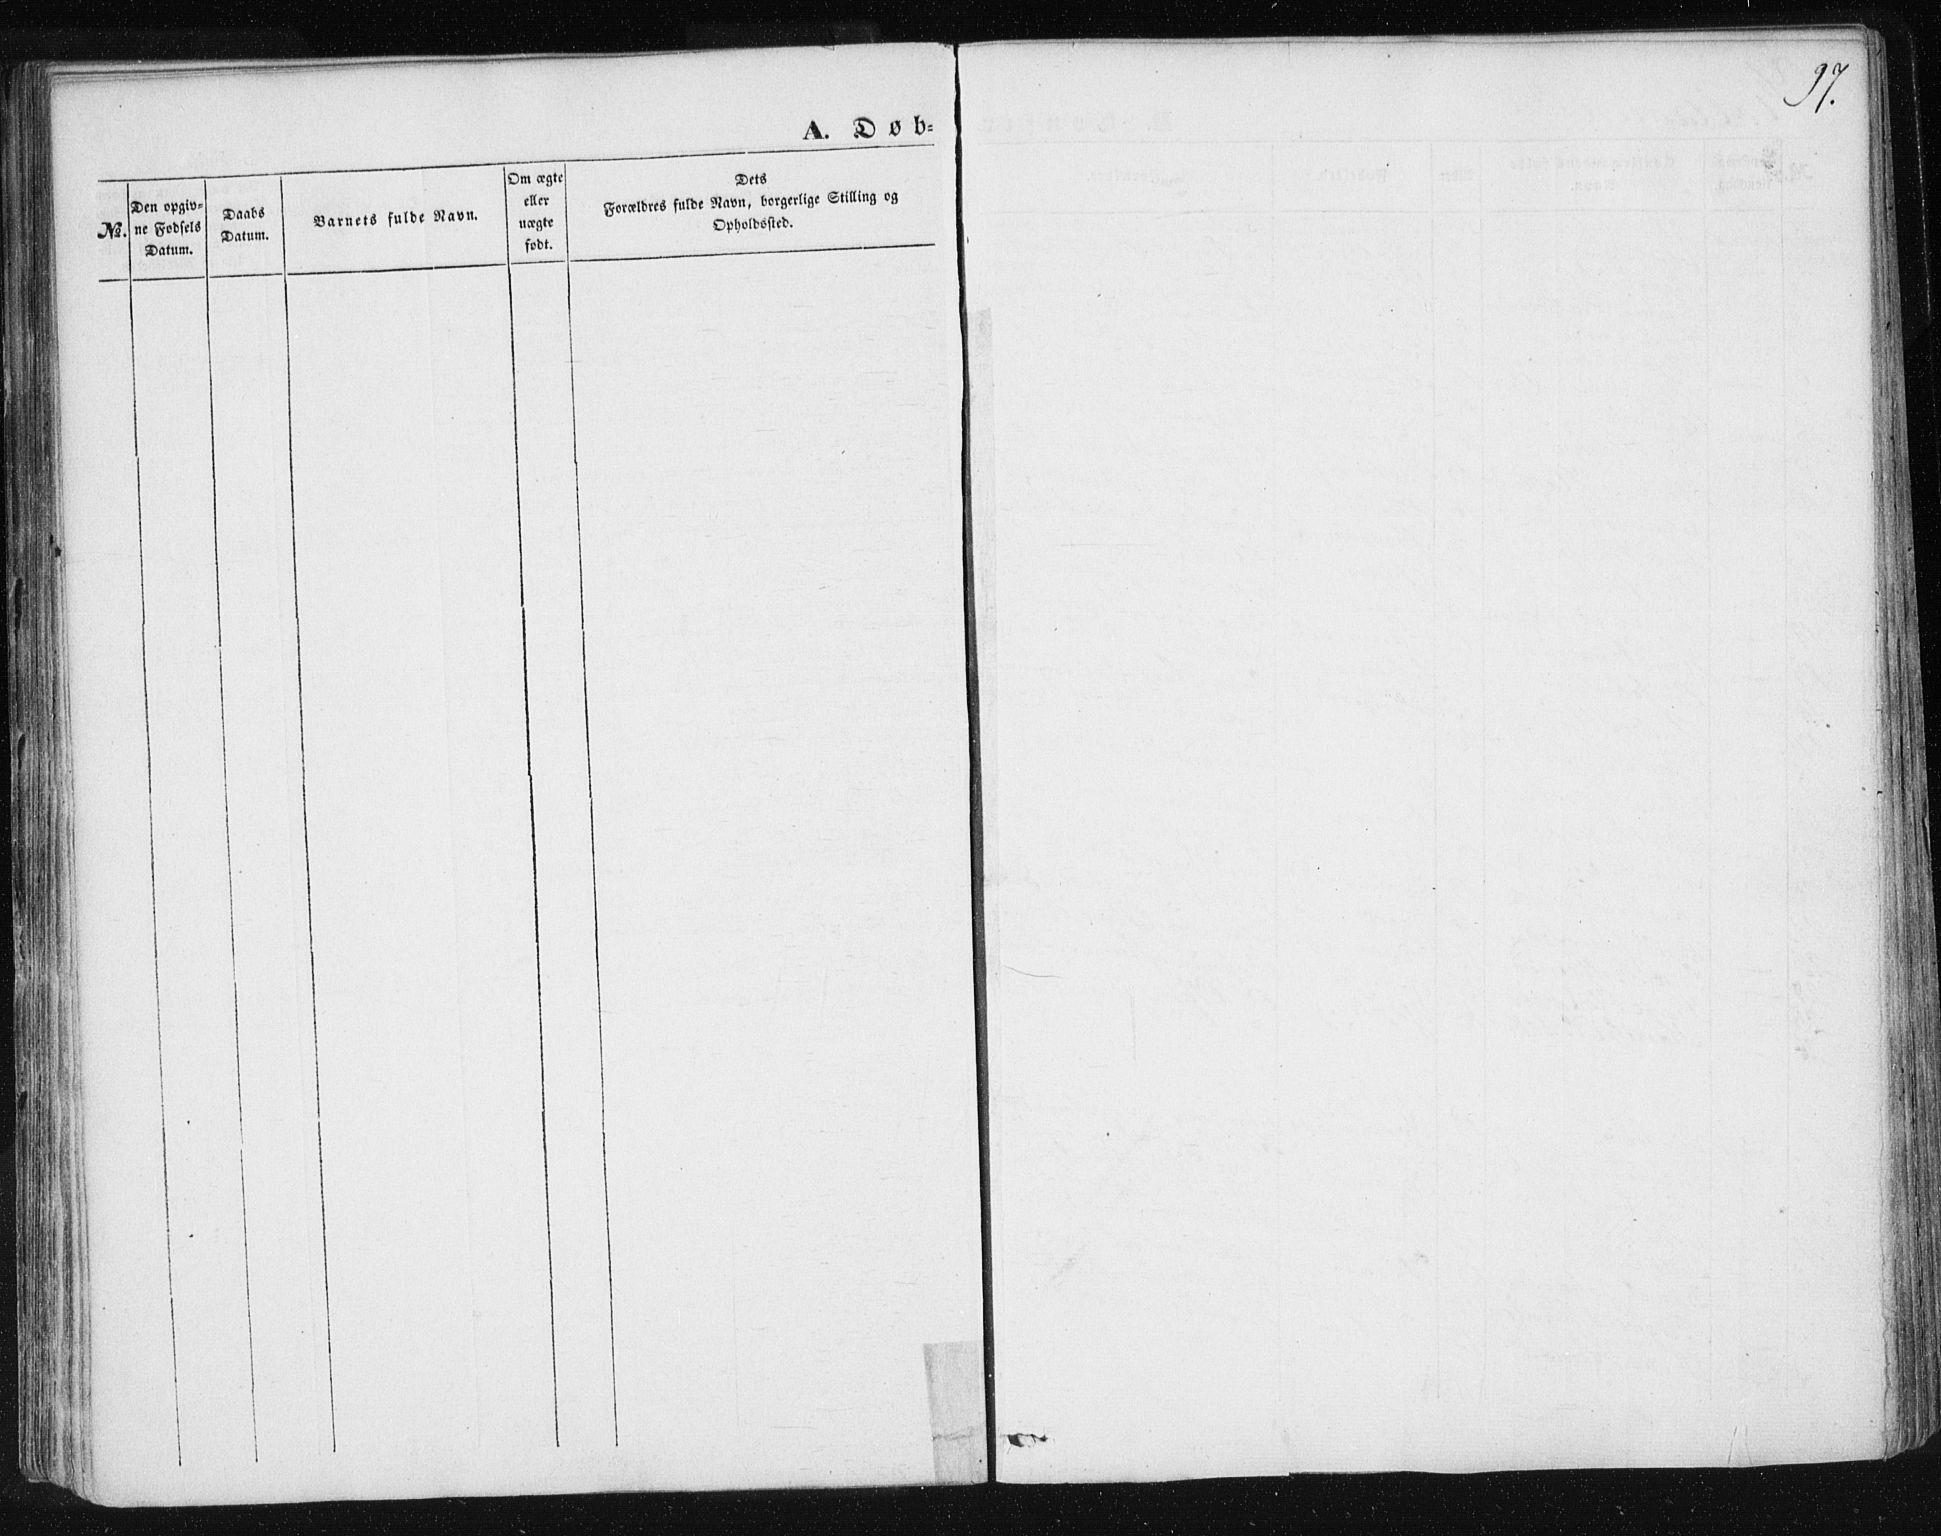 SAT, Ministerialprotokoller, klokkerbøker og fødselsregistre - Sør-Trøndelag, 685/L0965: Ministerialbok nr. 685A06 /3, 1846-1859, s. 97